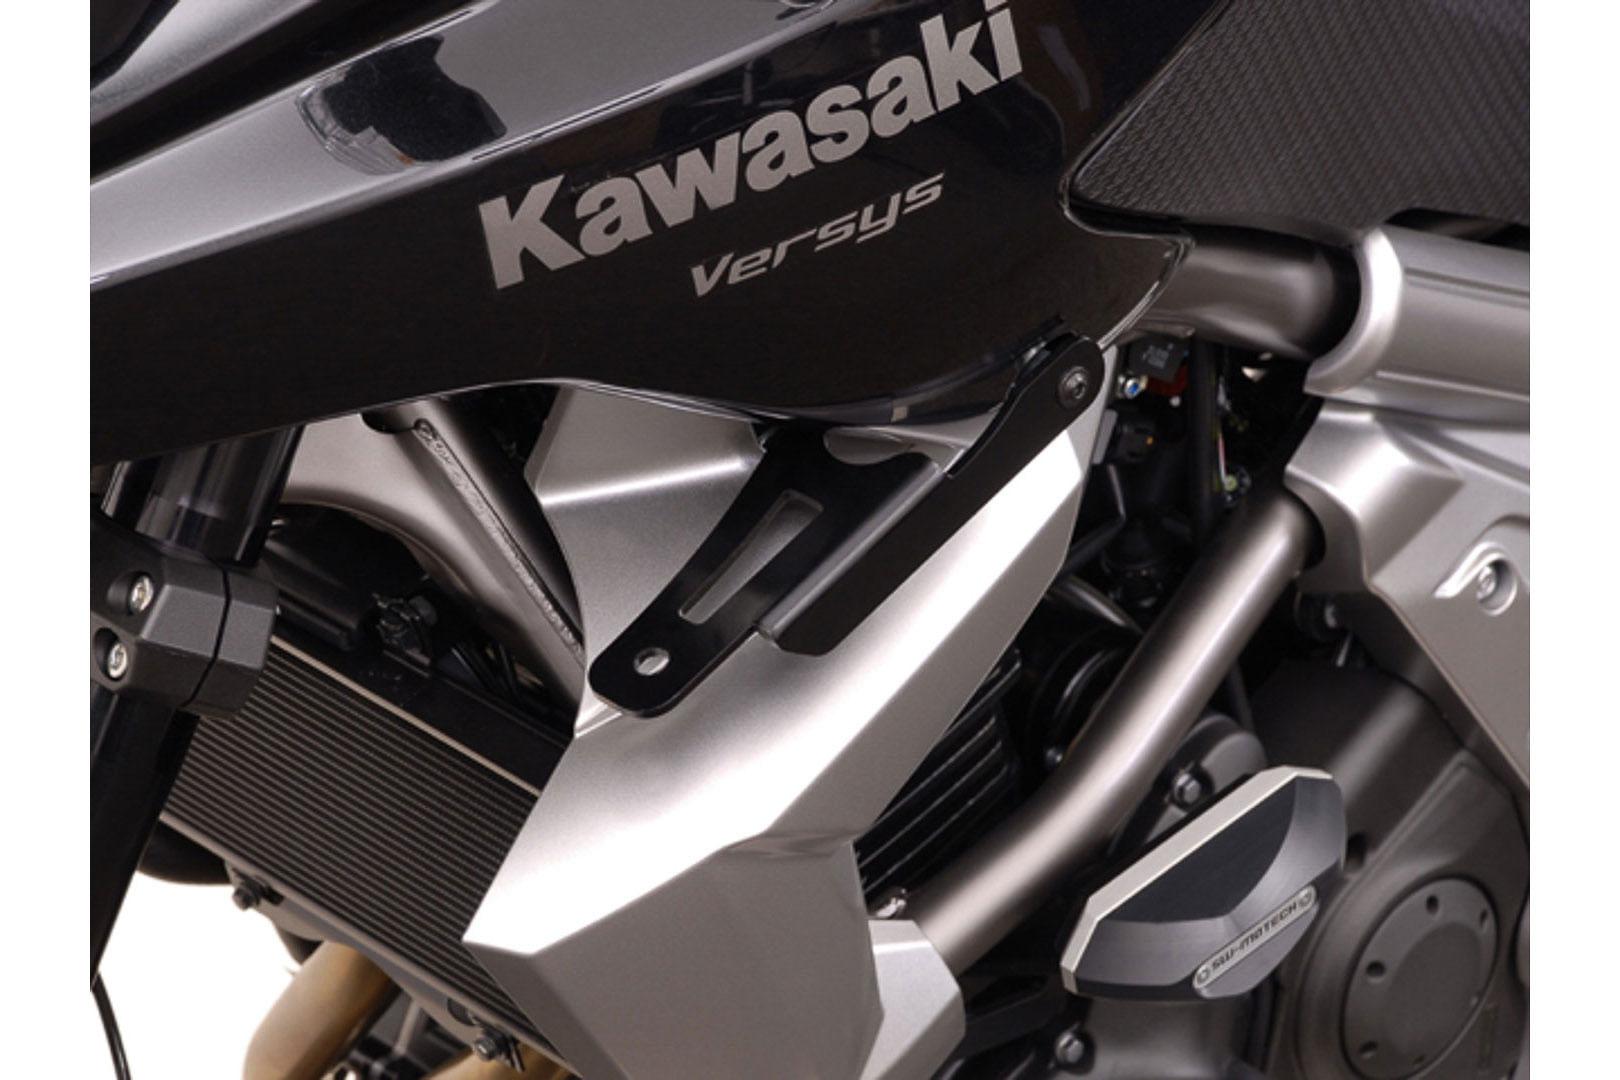 SW-Motech HAWK-lisävalosarjan kiinnike, Kawasaki Versys 10-